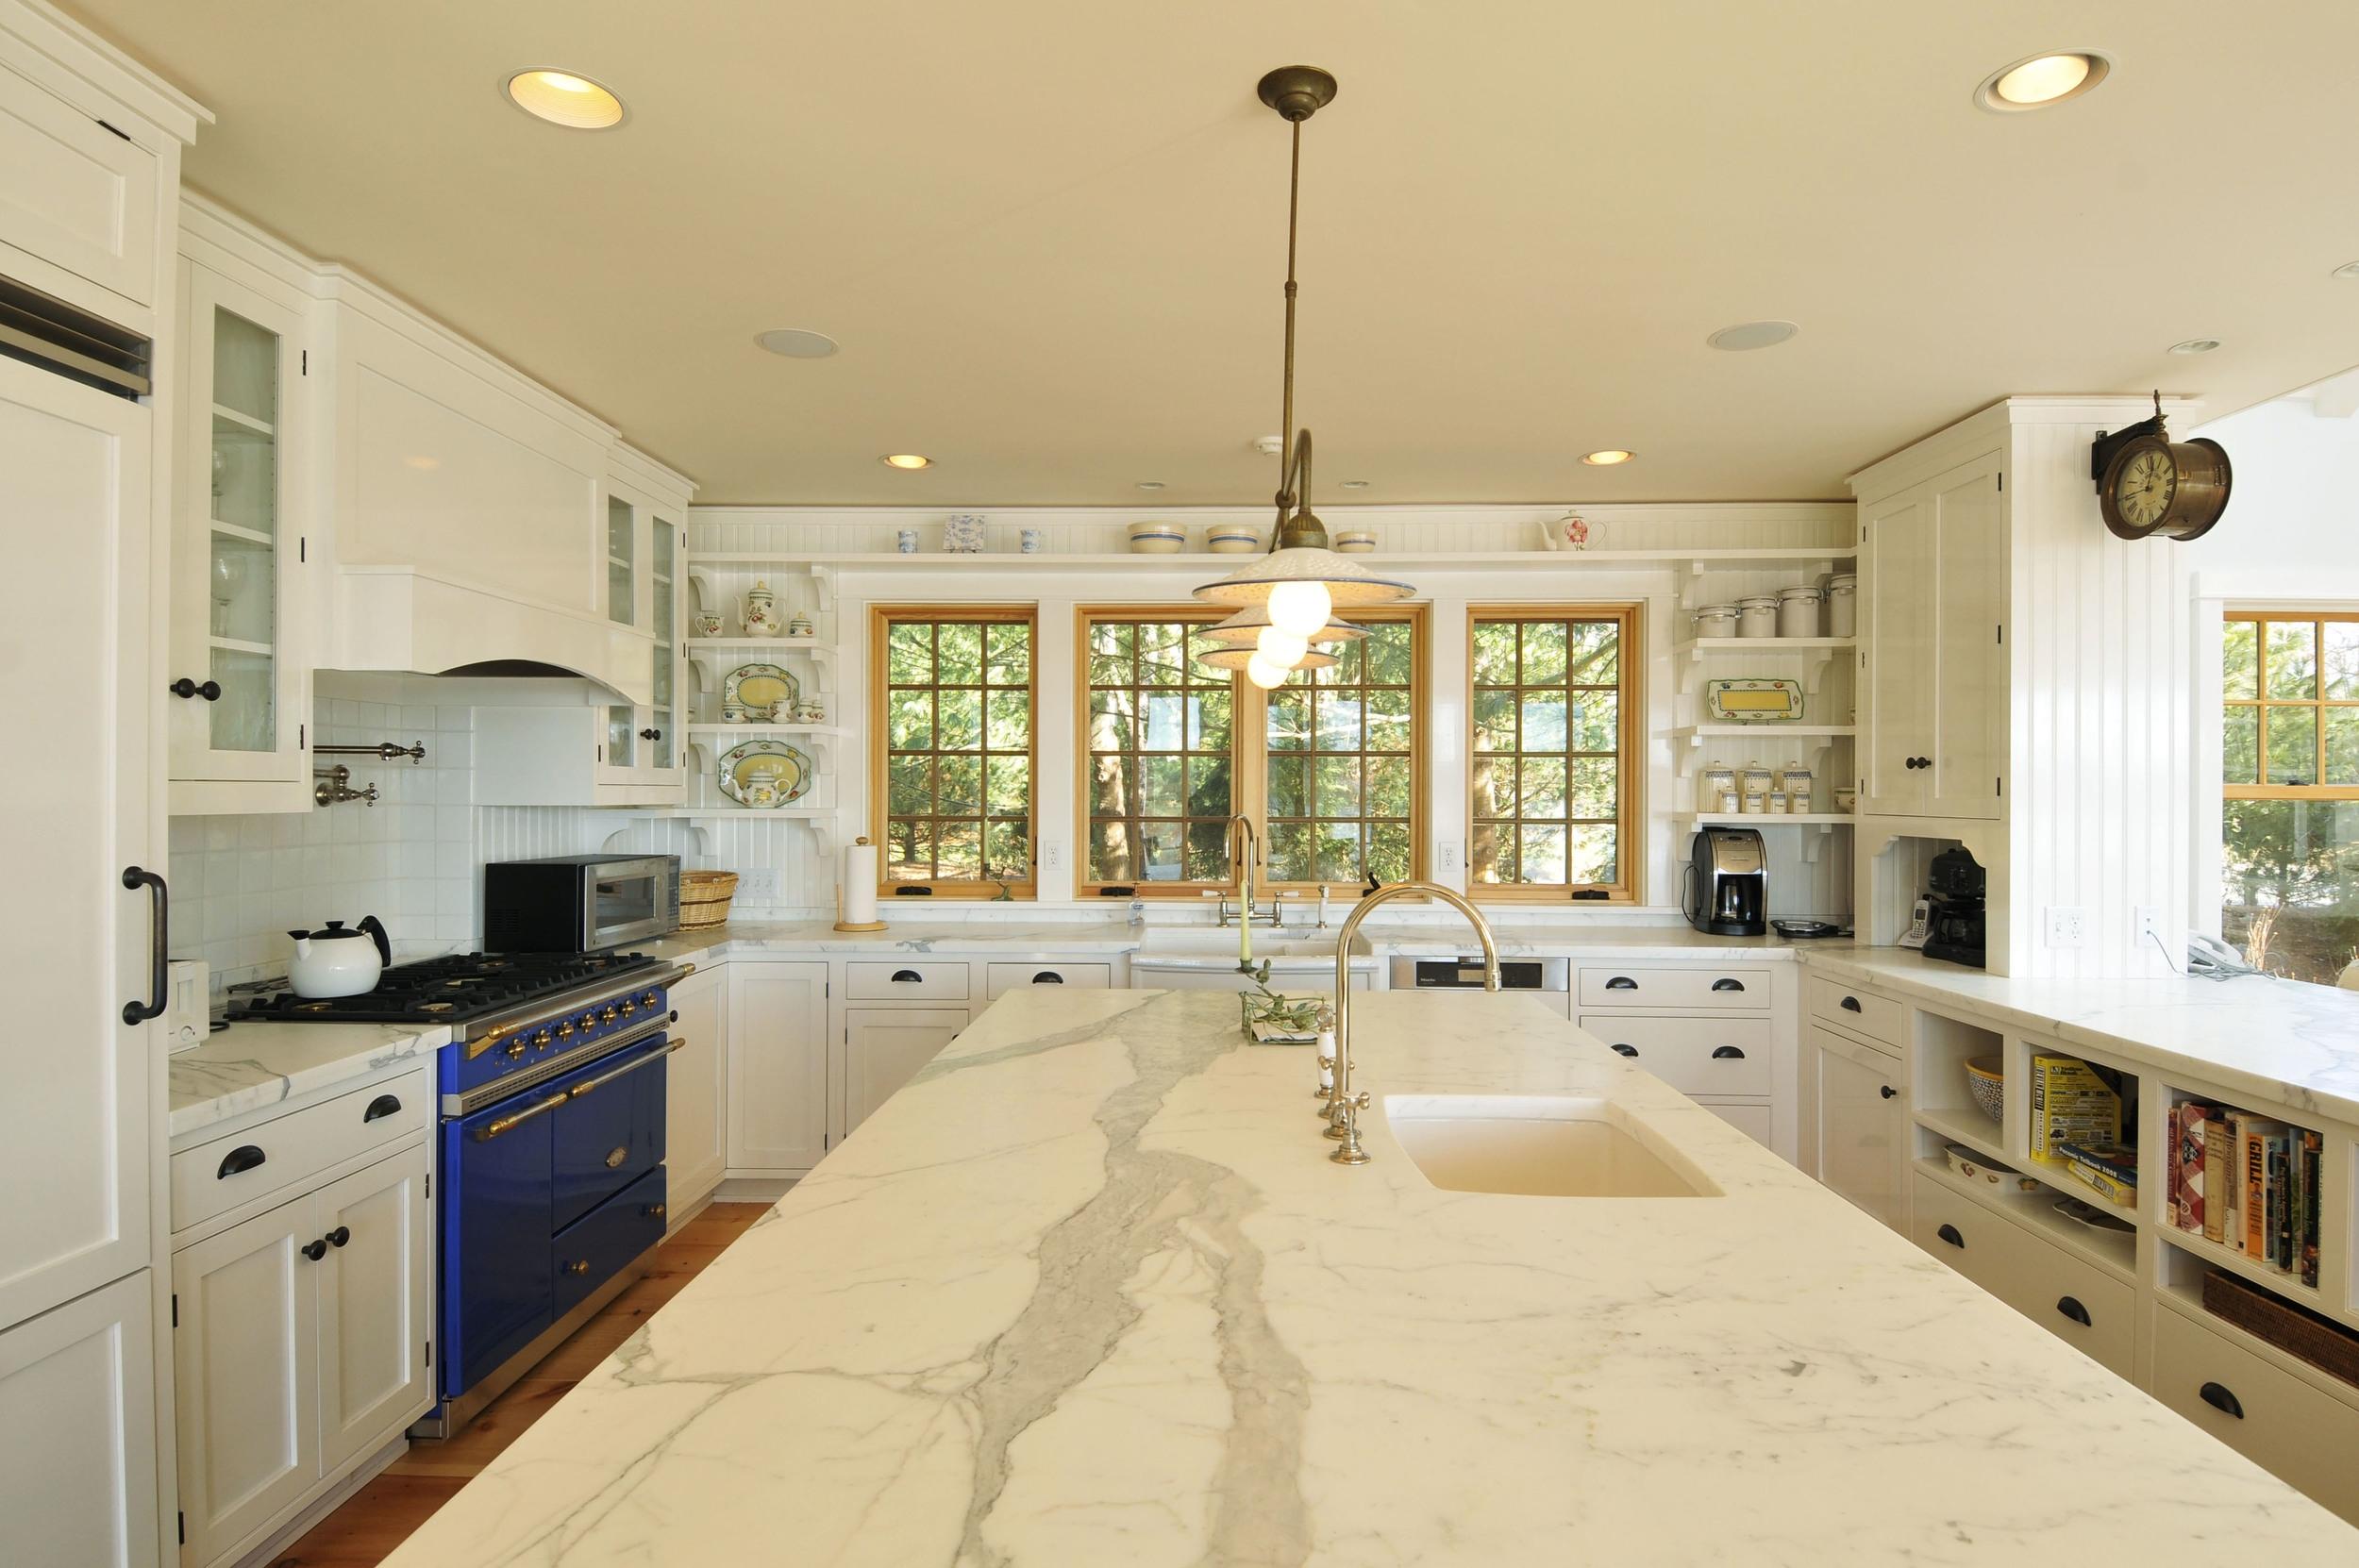 Barry#98008 kitchen2.jpg